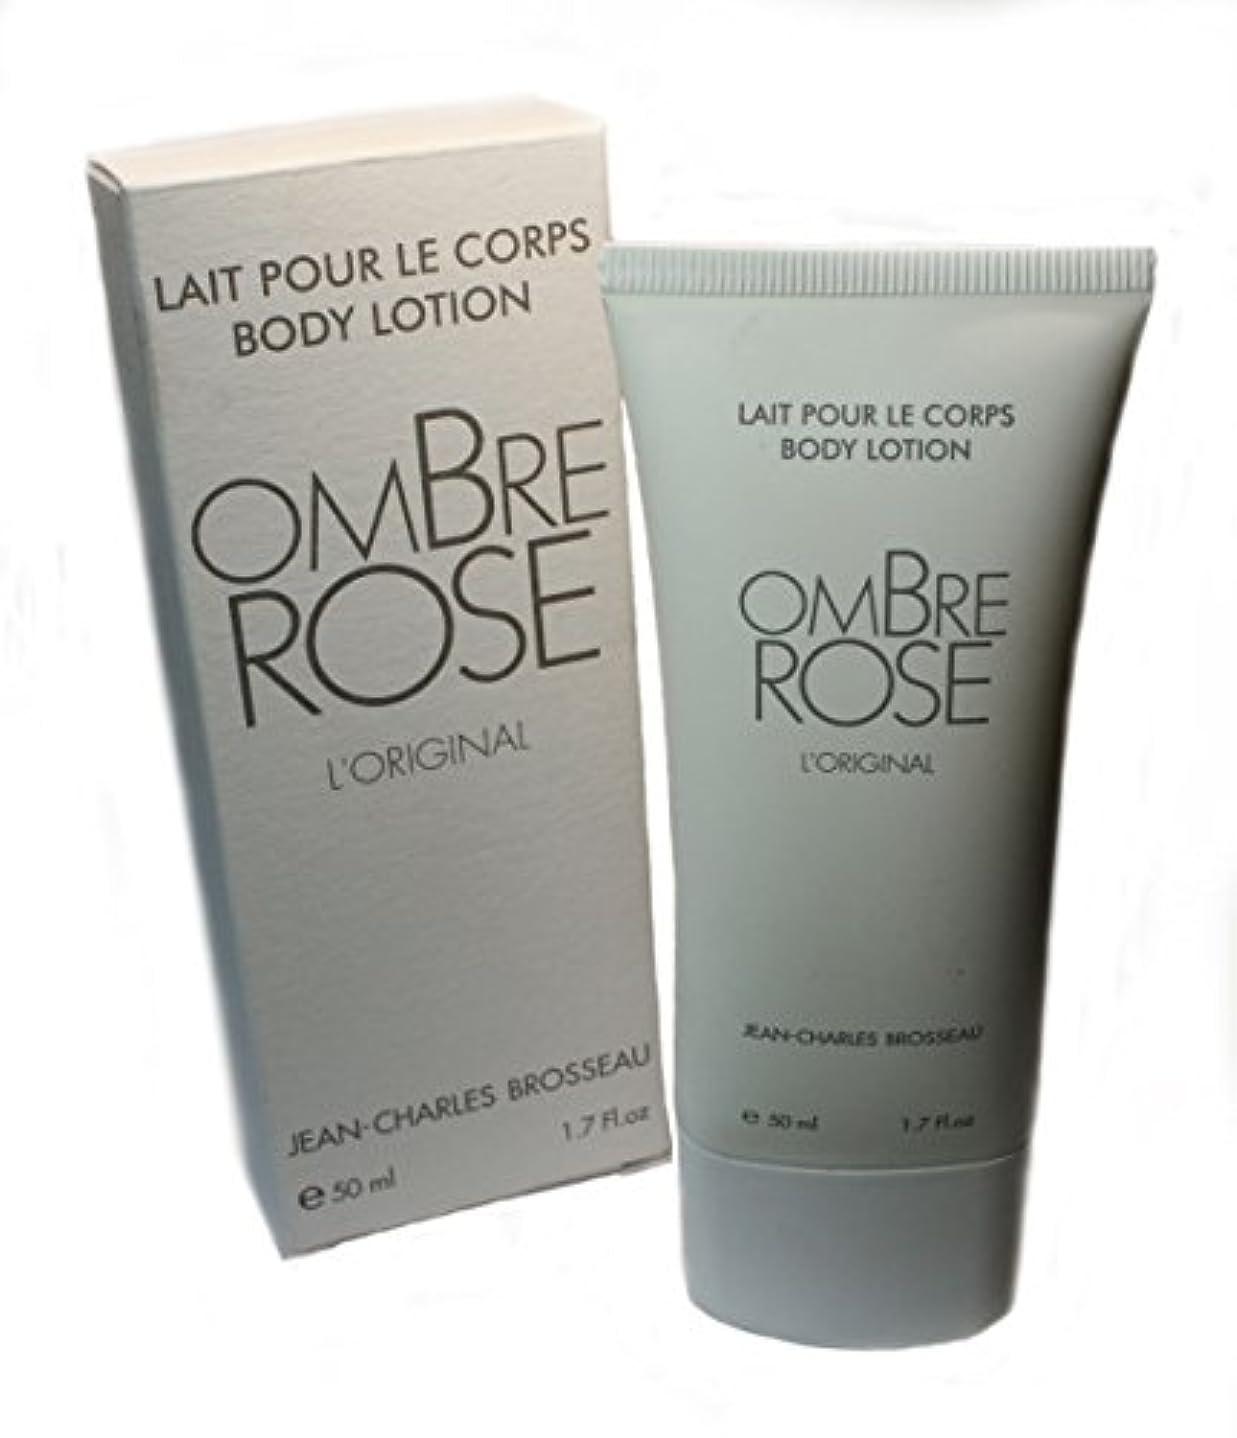 みがきますバット離婚Jean-Charles Brosseau Ombre Rose L'Original Body Lotion(ジャン シャルル ブロッソー オンブル ローズ オリジナル ボディーローション)50ml